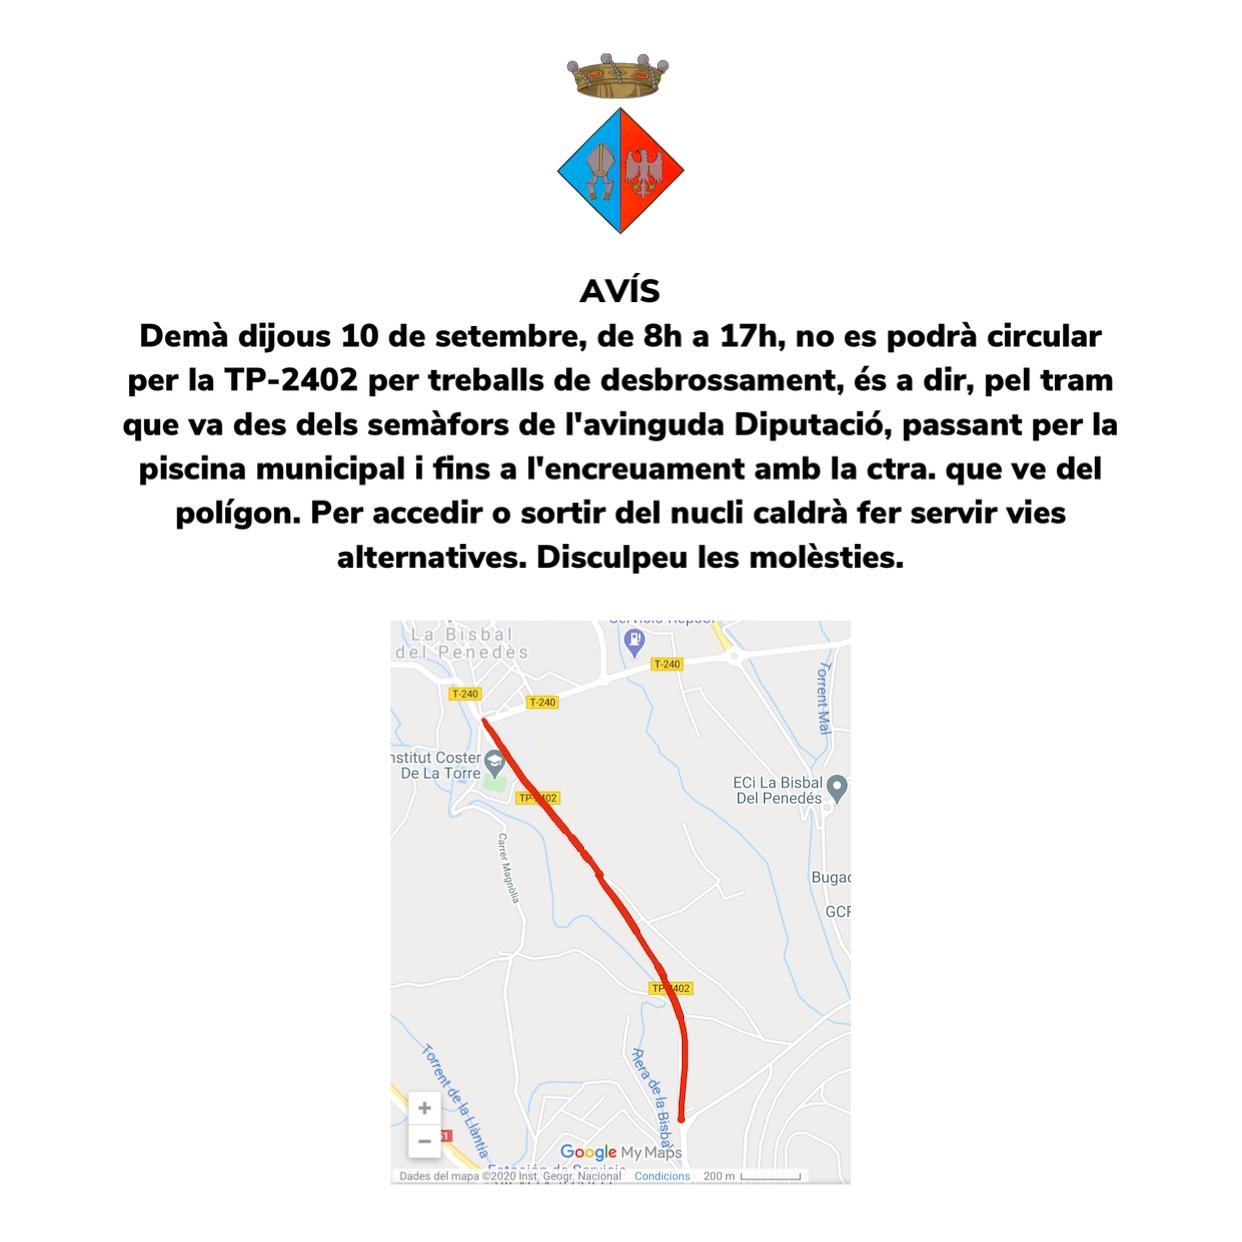 Aquest dijous de 8 a 17h no es podrà circular per un tram de la TP-2402